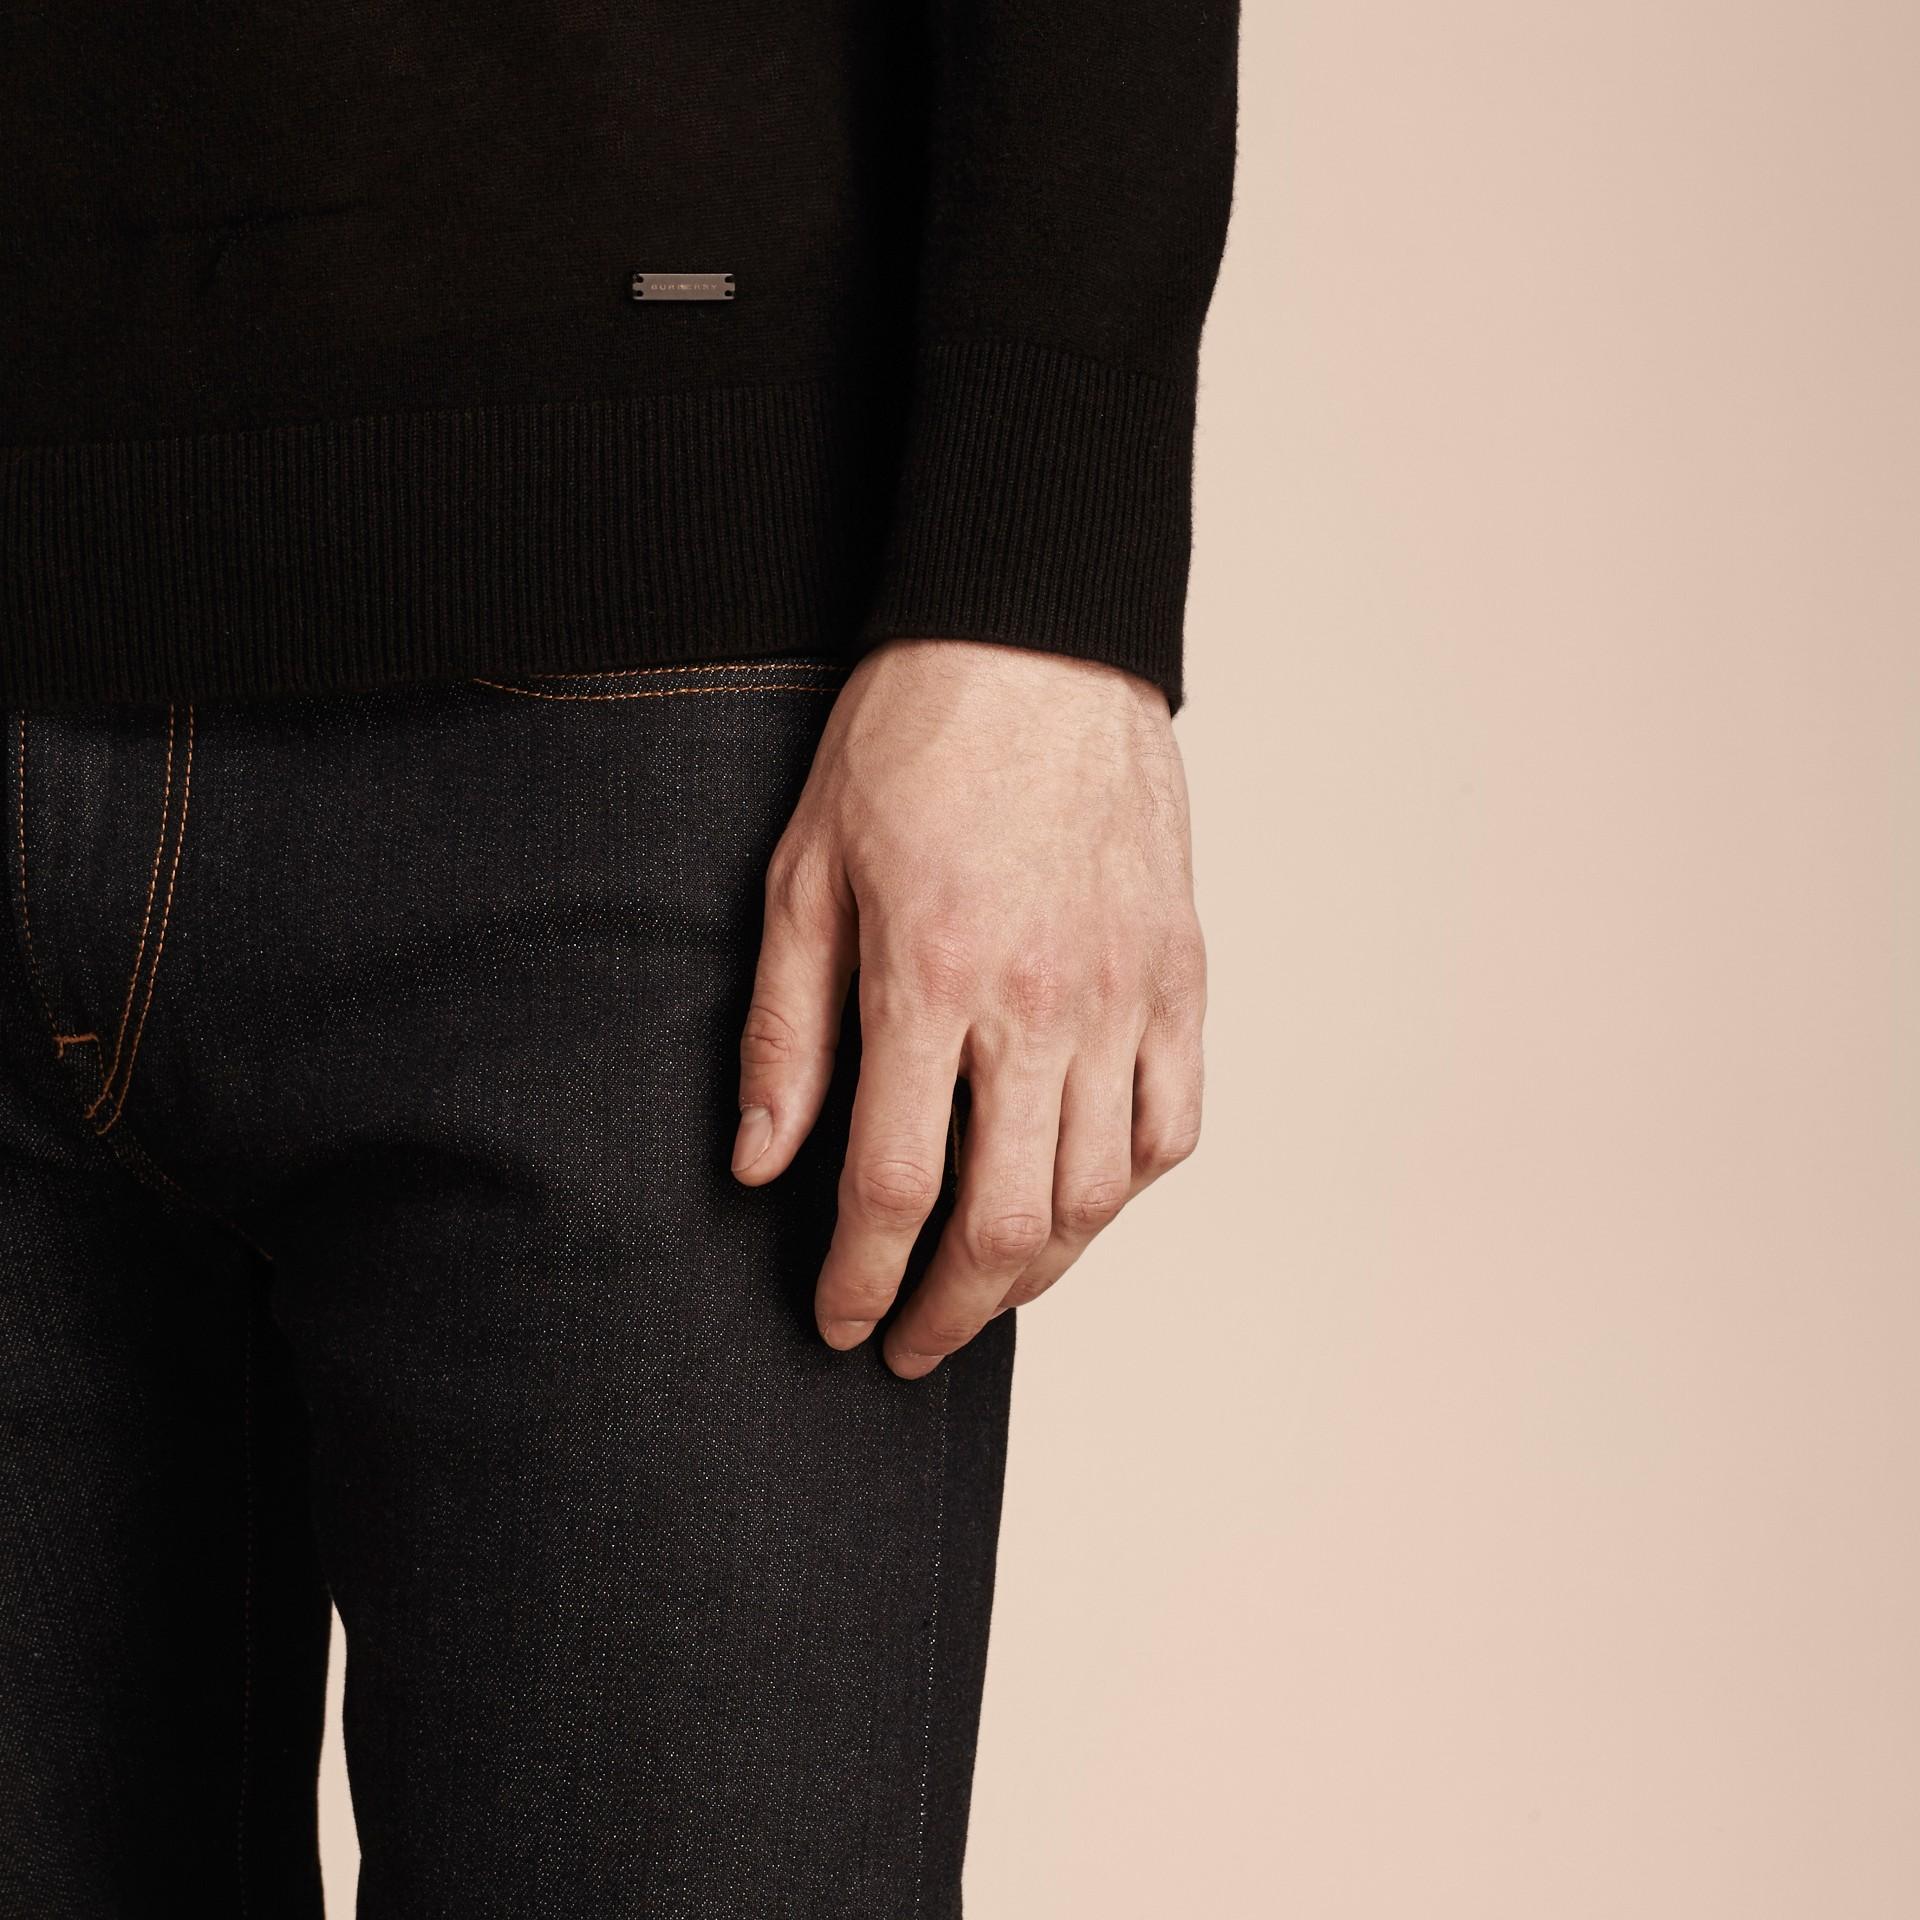 ブラック カシミア Vネックセーター ブラック - ギャラリーイメージ 5